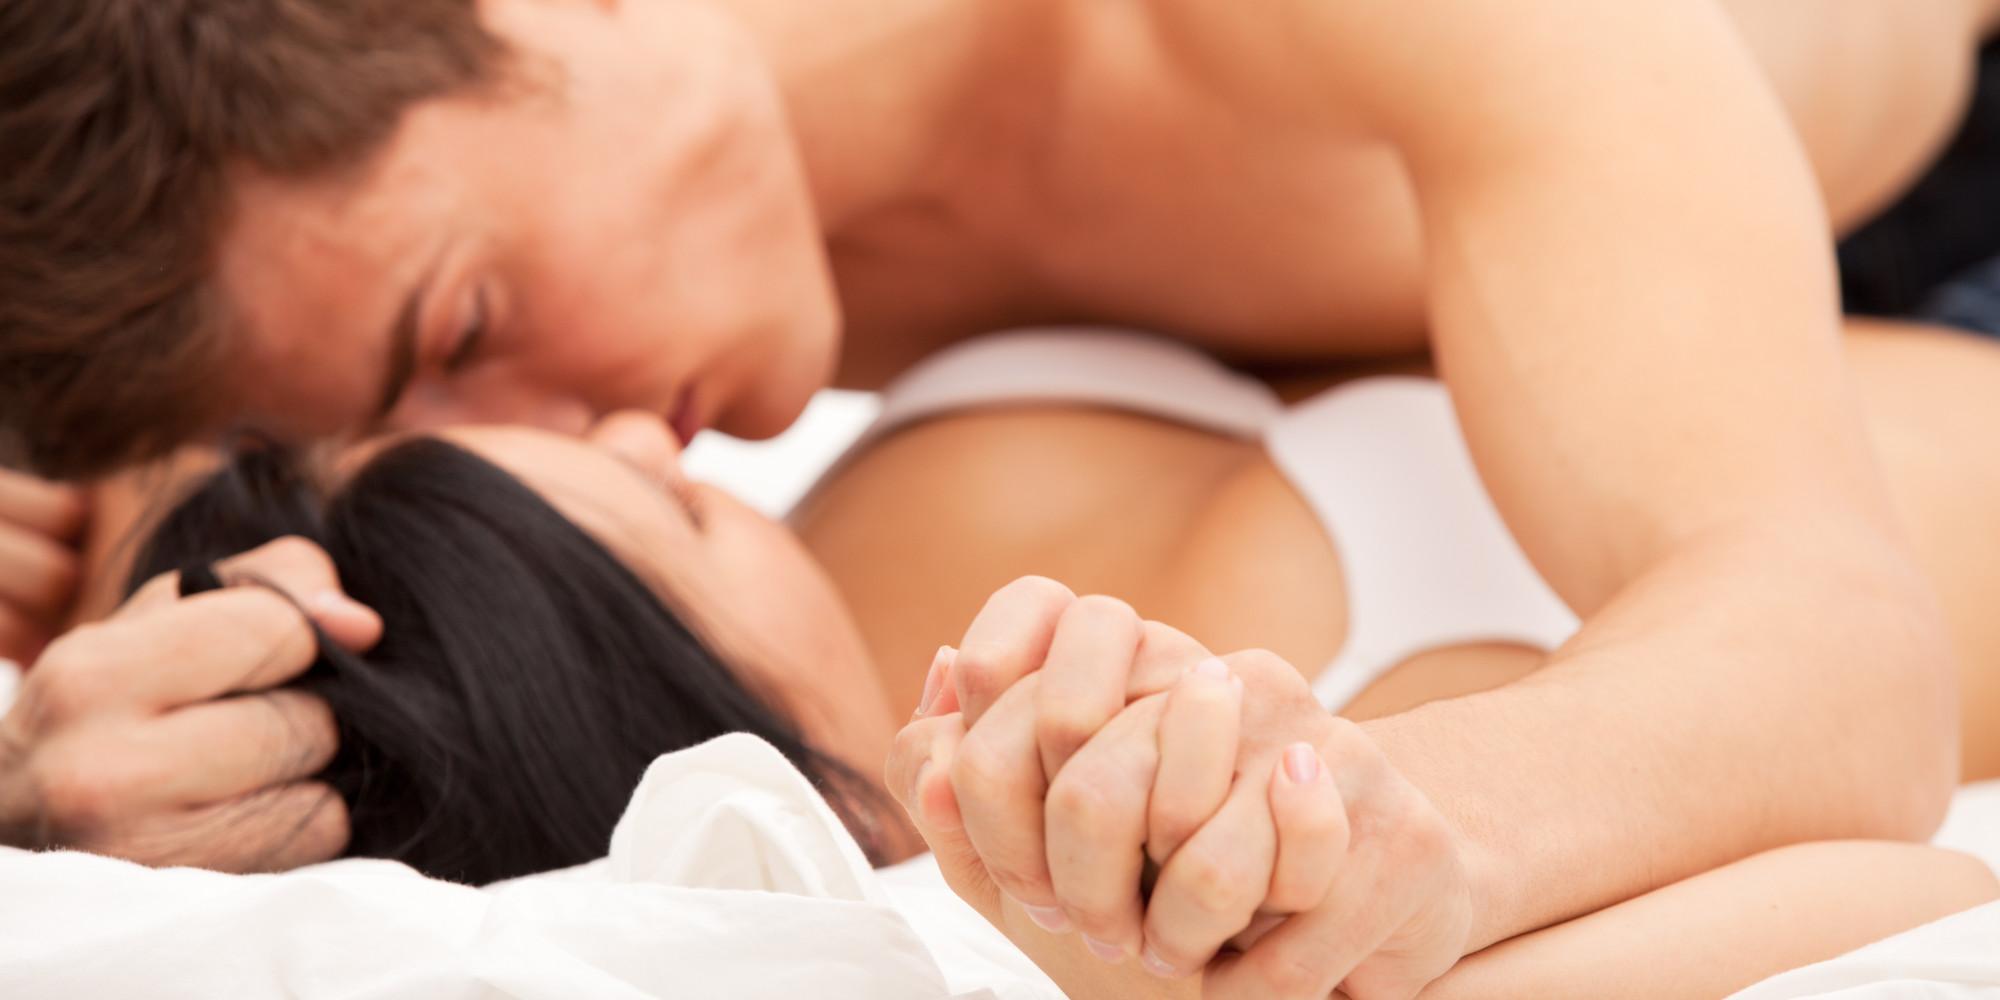 Смотреть классный секс мужа и жены, Порно с женой в русских видео клипах онлайн бесплатно 40 фотография